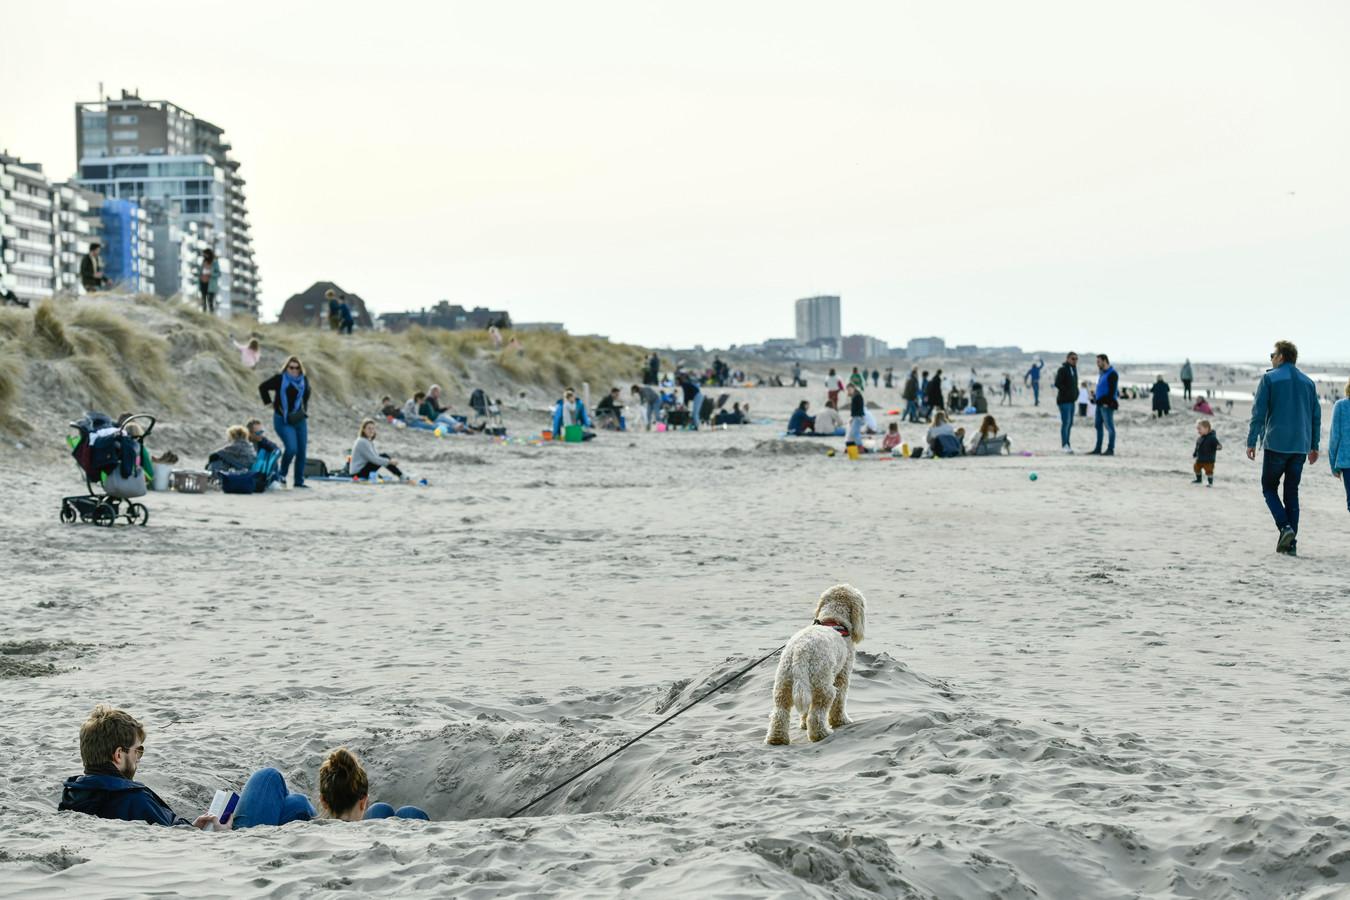 Gezellig druk op het strand (photo by Florian Van Eenoo/Photo News)